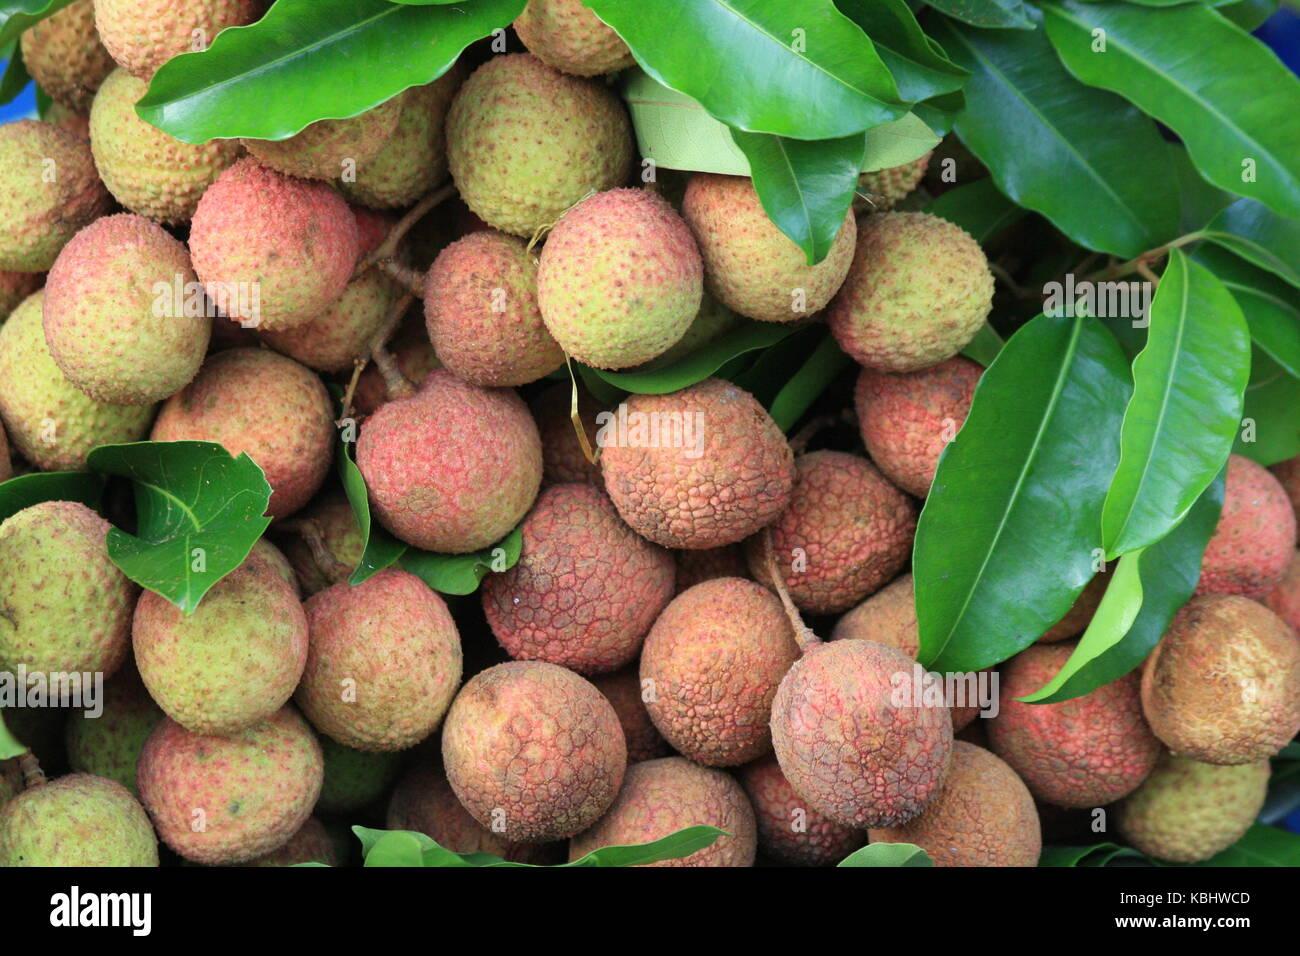 litchi Frucht - lychee - fruits - mit  schale - Stock Image